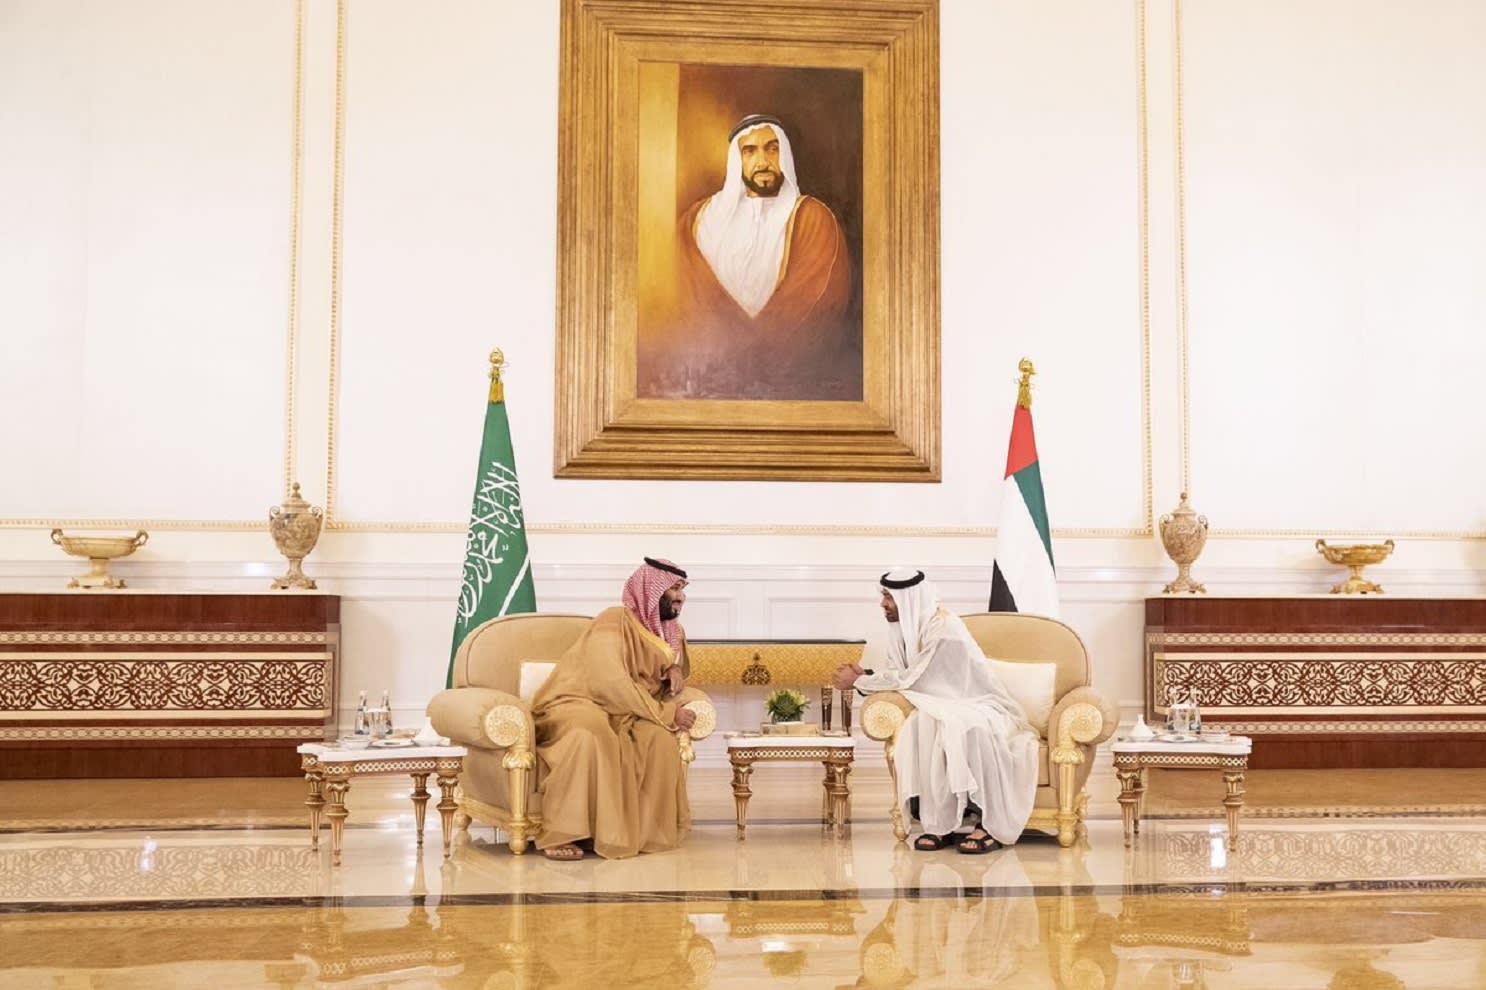 خالد بن سلمان: علاقات السعودية والإمارات تشهد تعاونا غير مسبوق